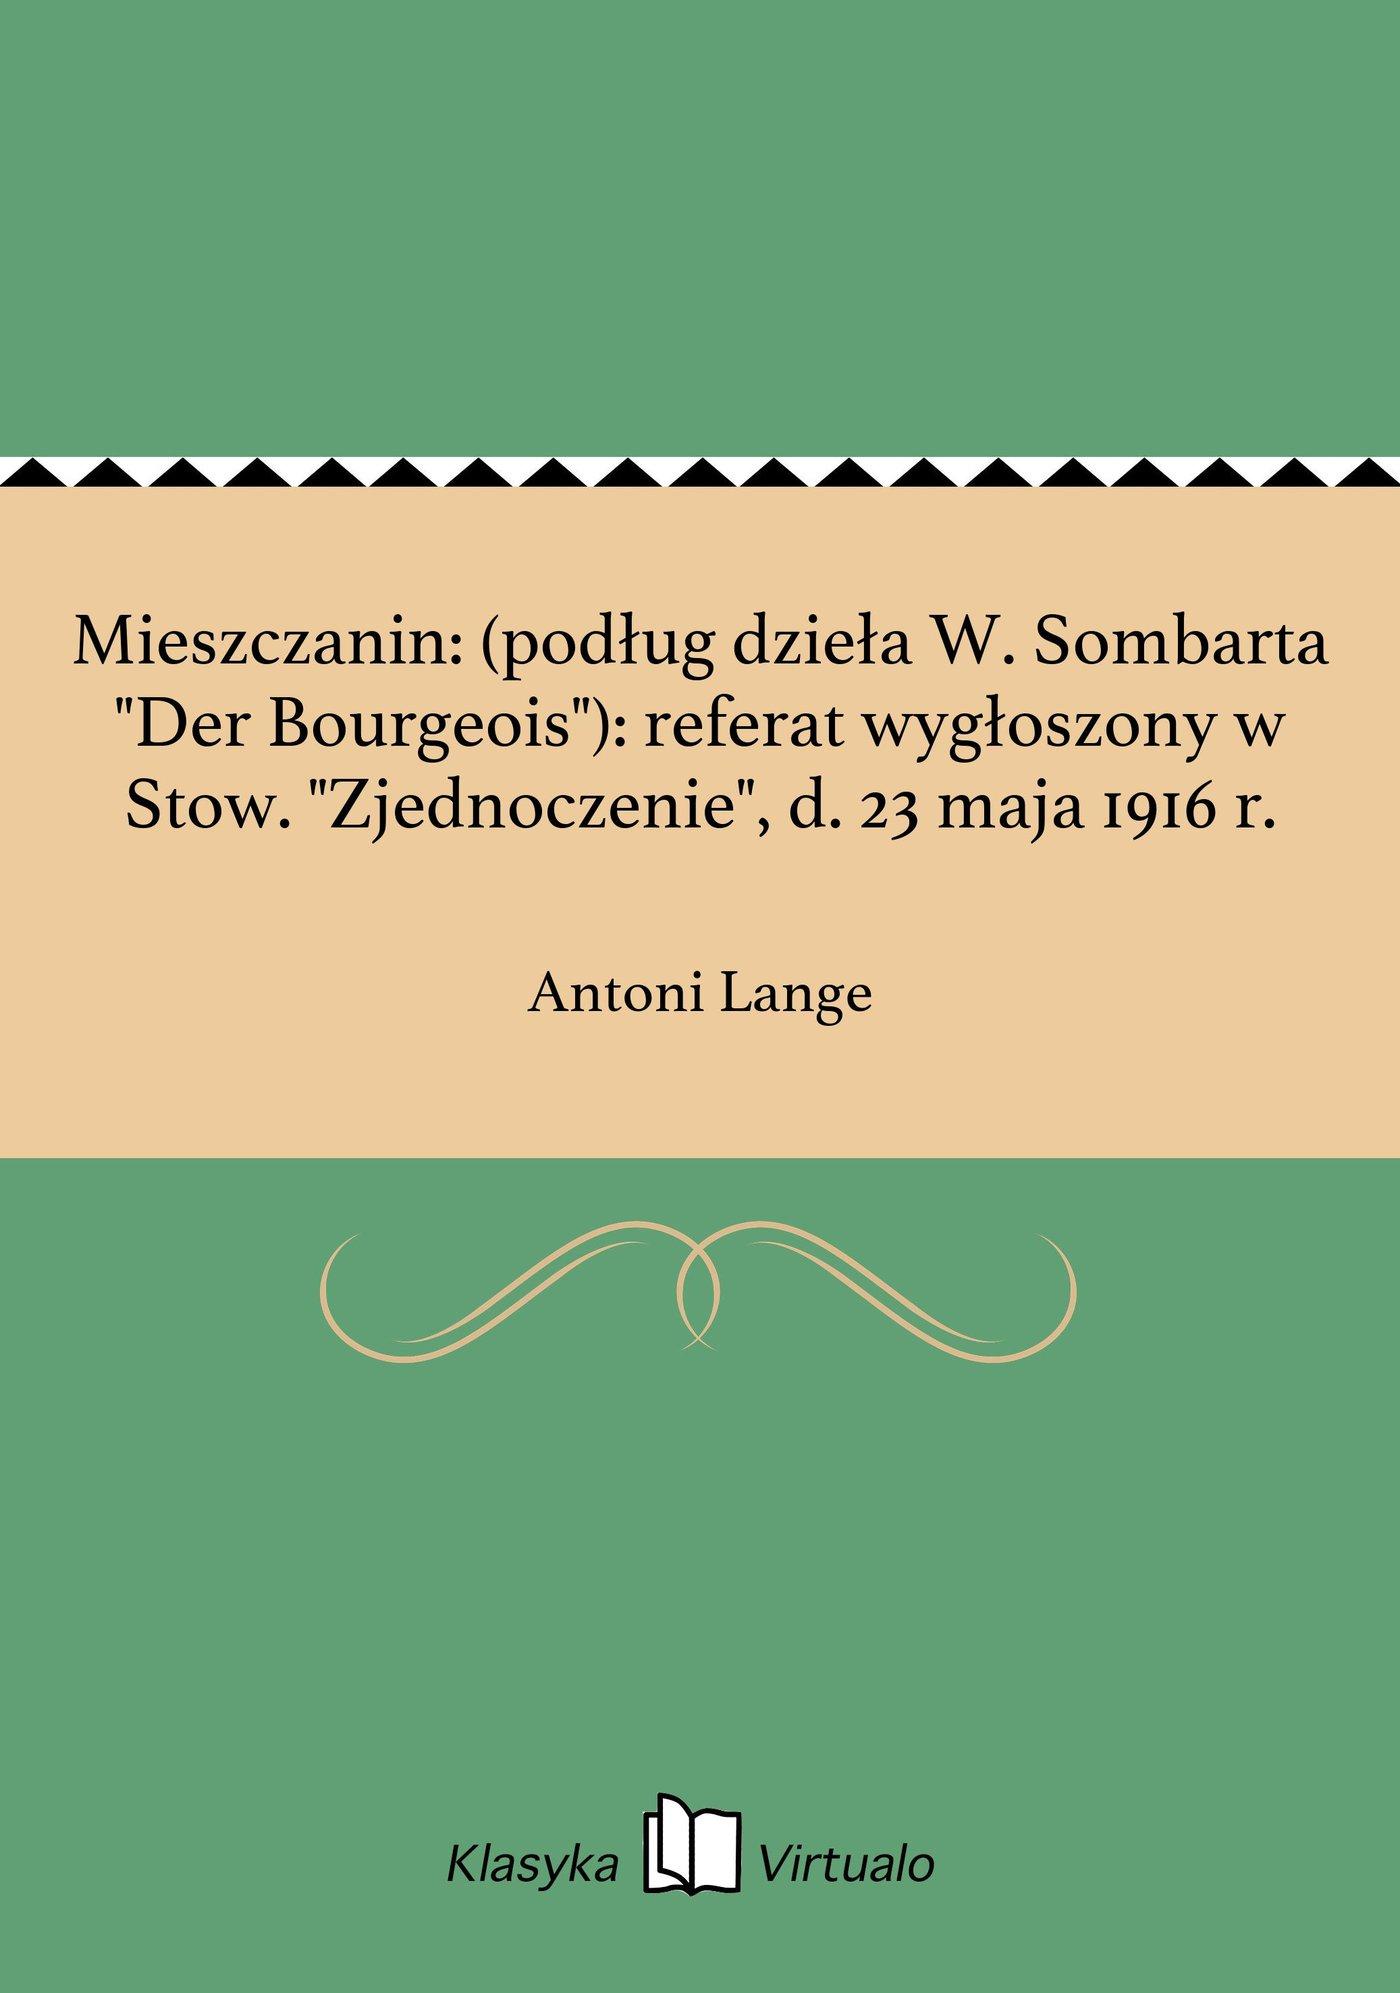 """Mieszczanin: (podług dzieła W. Sombarta """"Der Bourgeois""""): referat wygłoszony w Stow. """"Zjednoczenie"""", d. 23 maja 1916 r. - Ebook (Książka EPUB) do pobrania w formacie EPUB"""